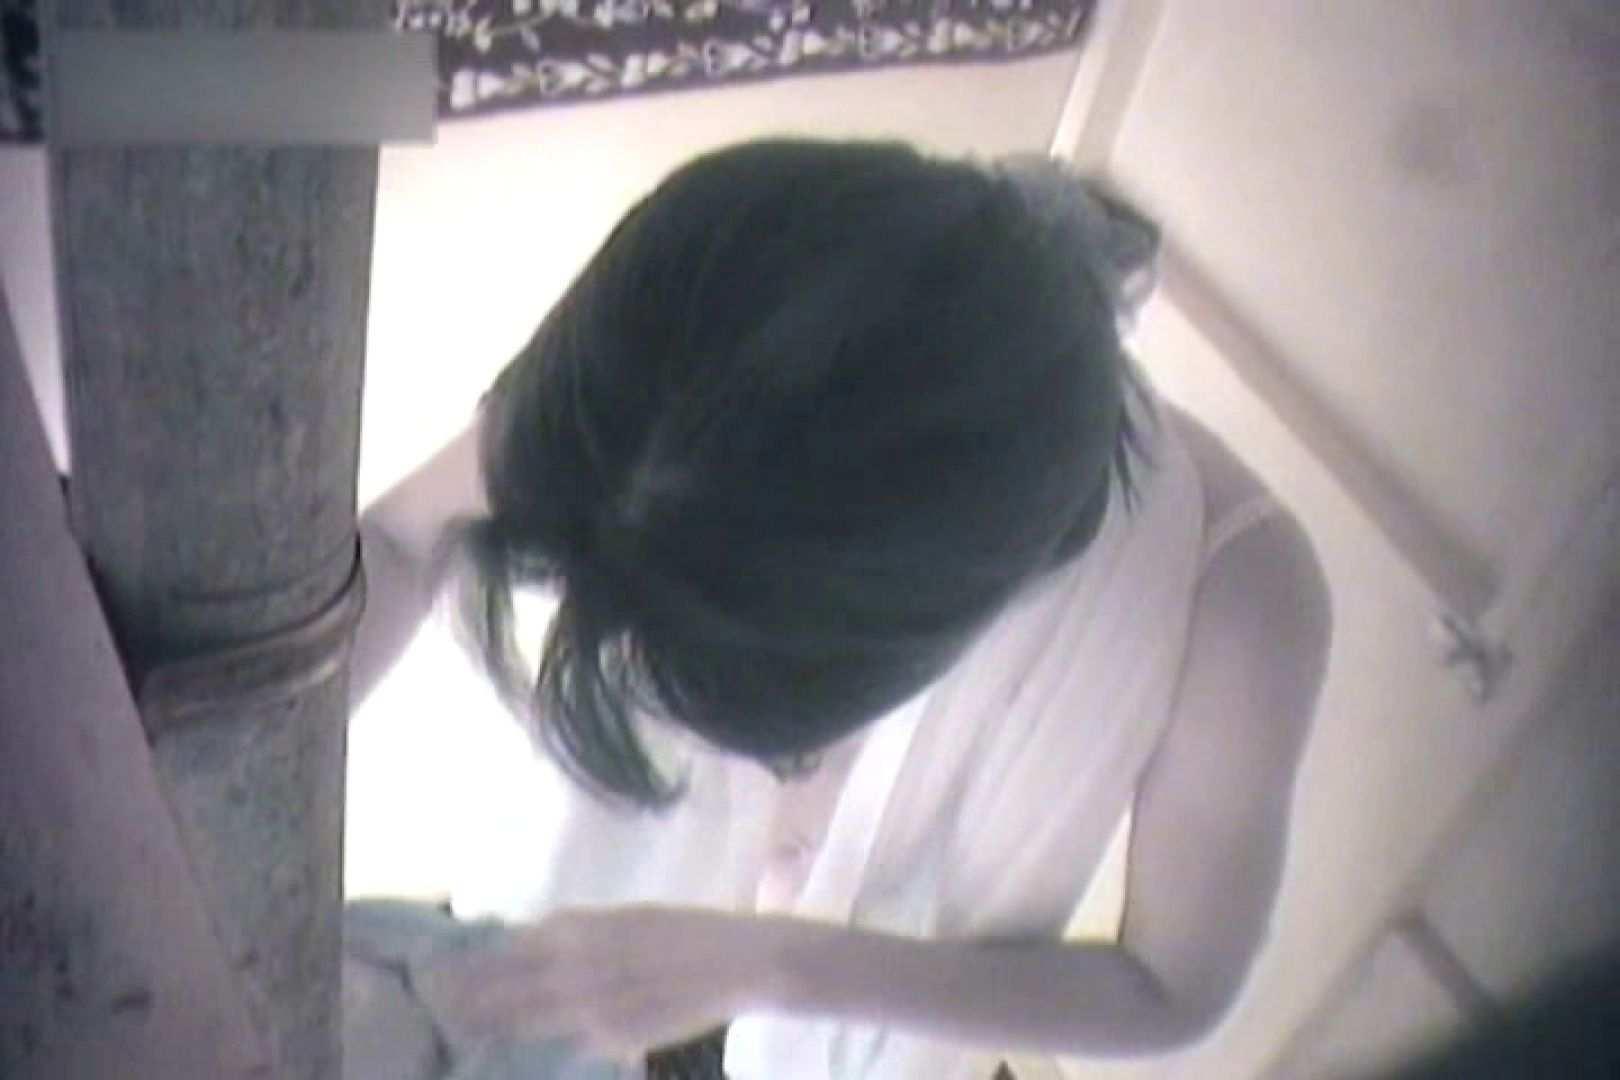 夏海シャワー室!ベトベトお肌をサラサラに!VOL.02 シャワー 覗きスケベ動画紹介 94pic 89